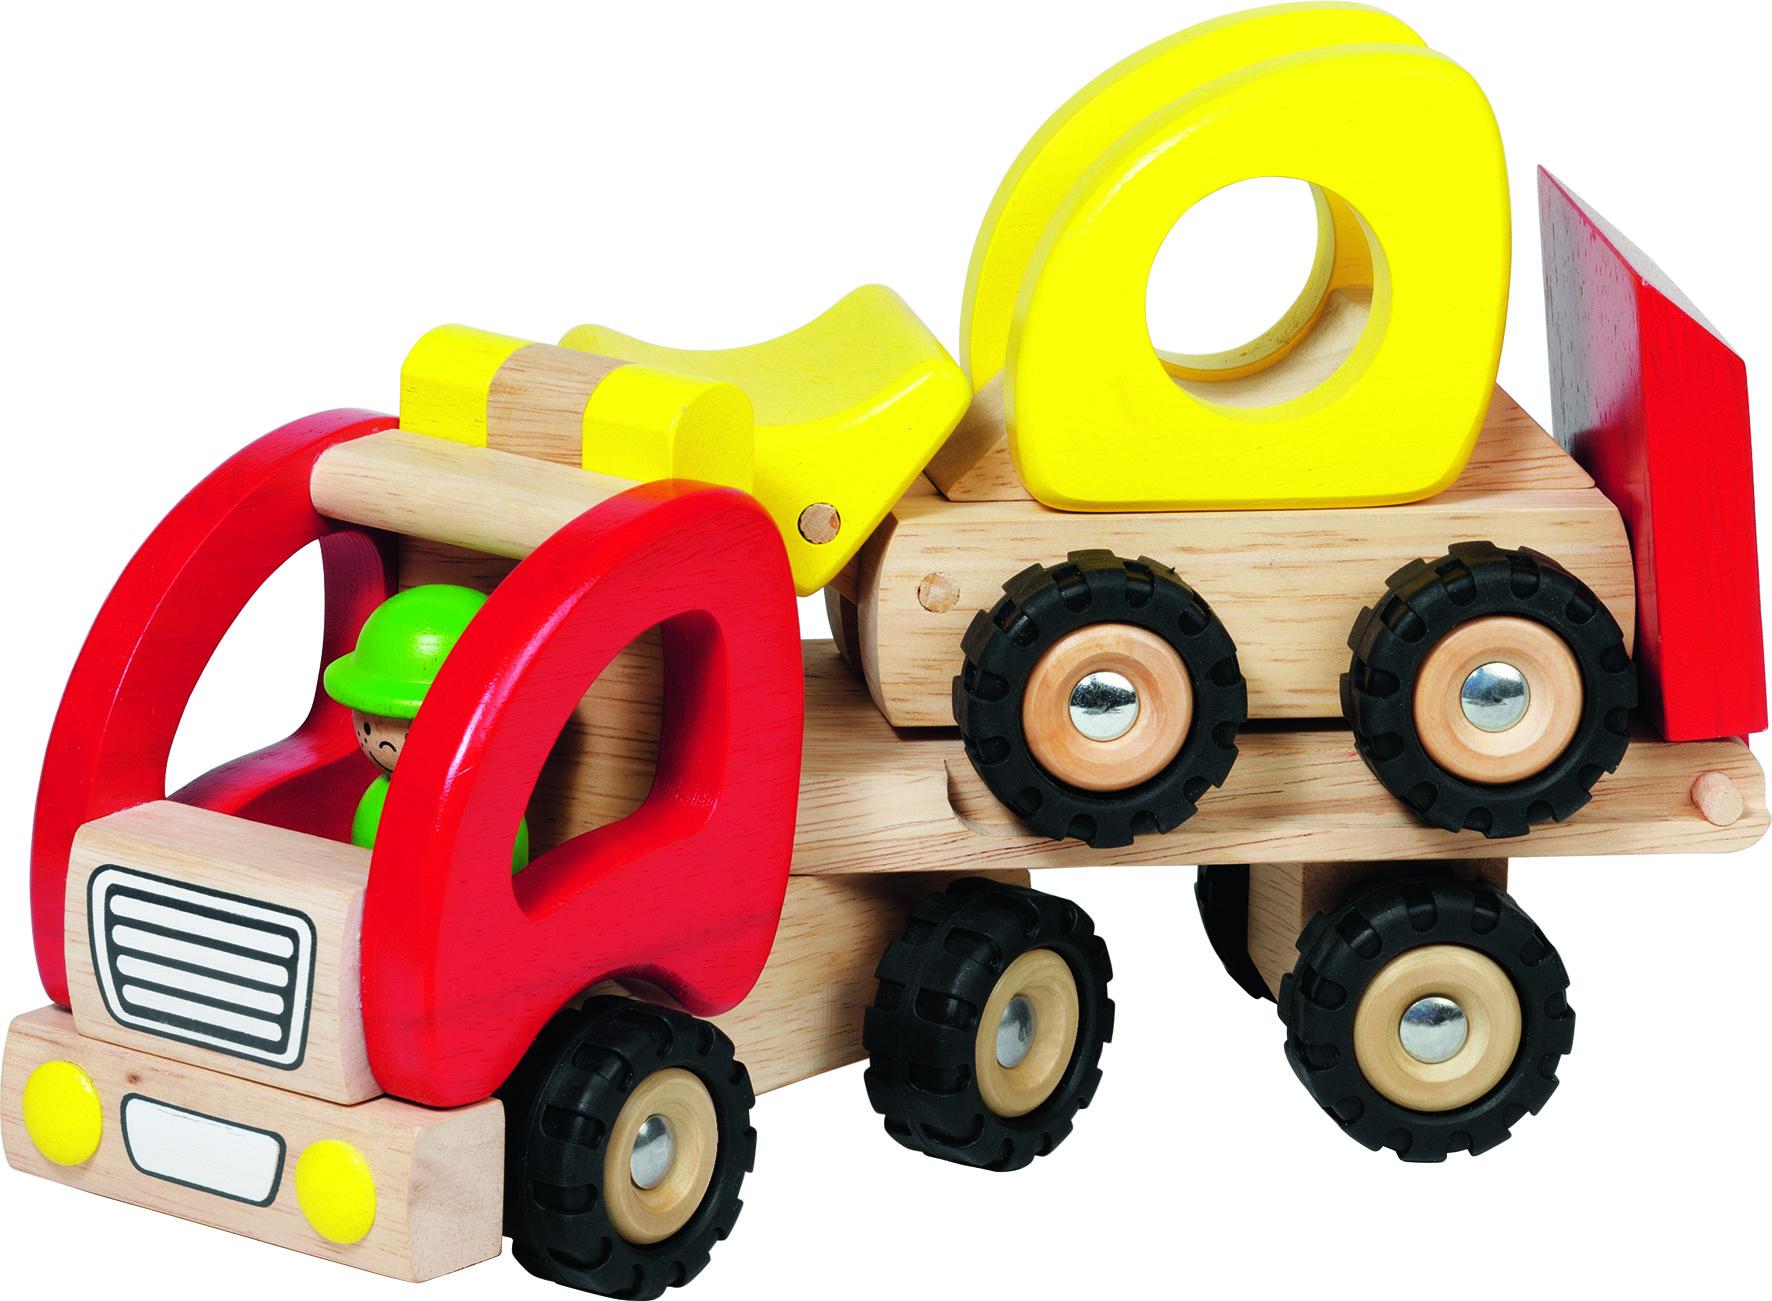 con di Caricatore di legno rimorchio del di gomma del legno e basso dell'escavatore legno camion 5u1Tl3FKJc